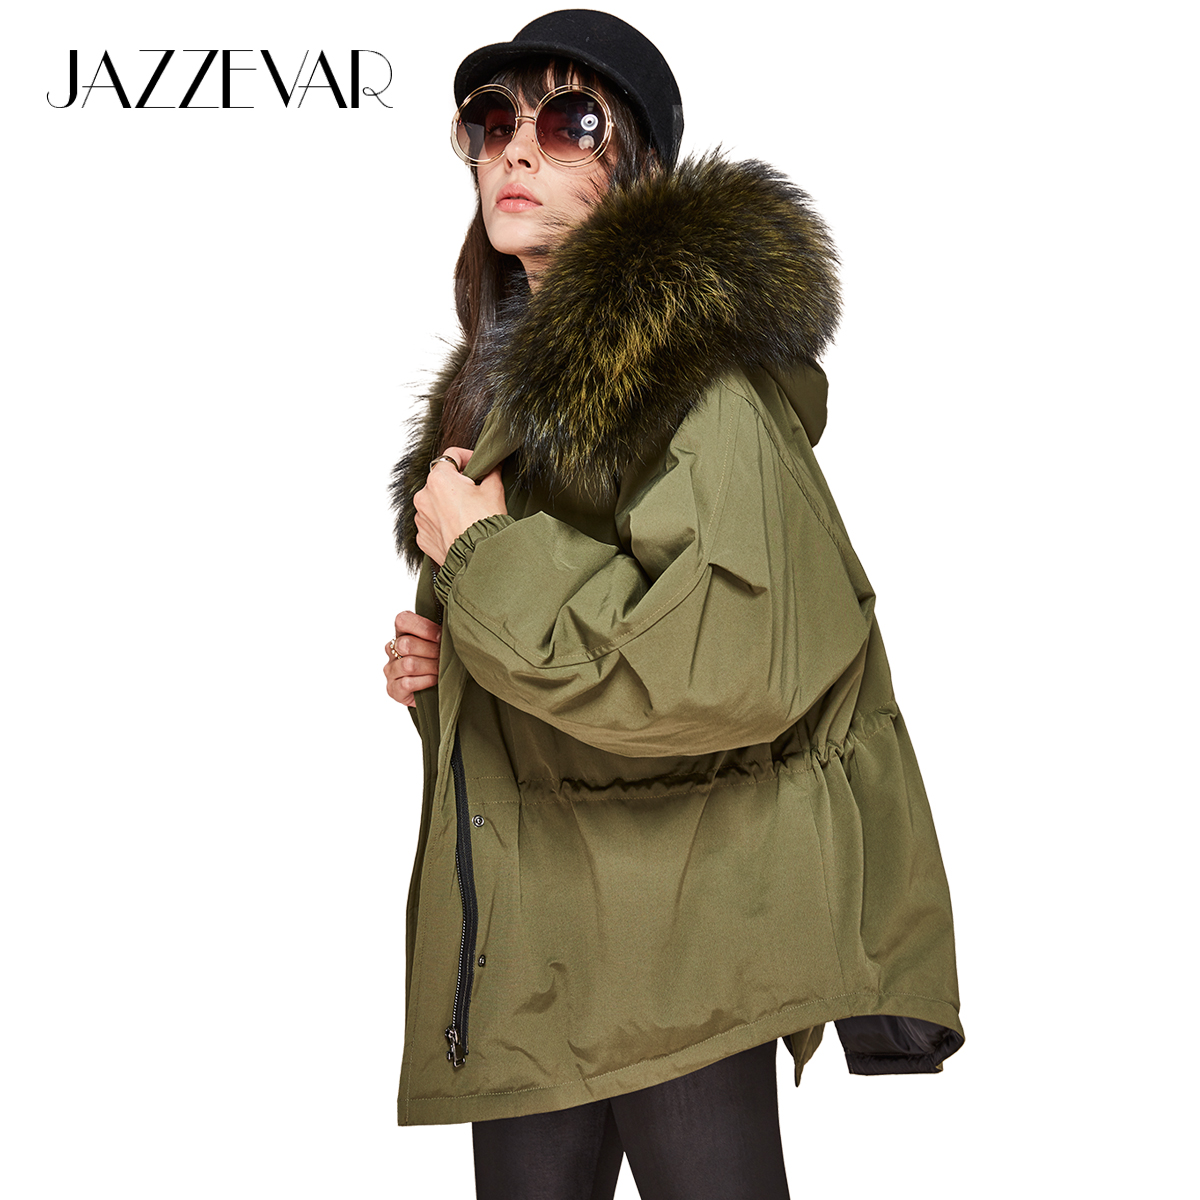 Jazzevar новые модные зимние Для женщин пуховая куртка oversize ласточкин хвост Белые пуховики из 90% утиного пуха большой из натурального меха енота парка с капюшоном